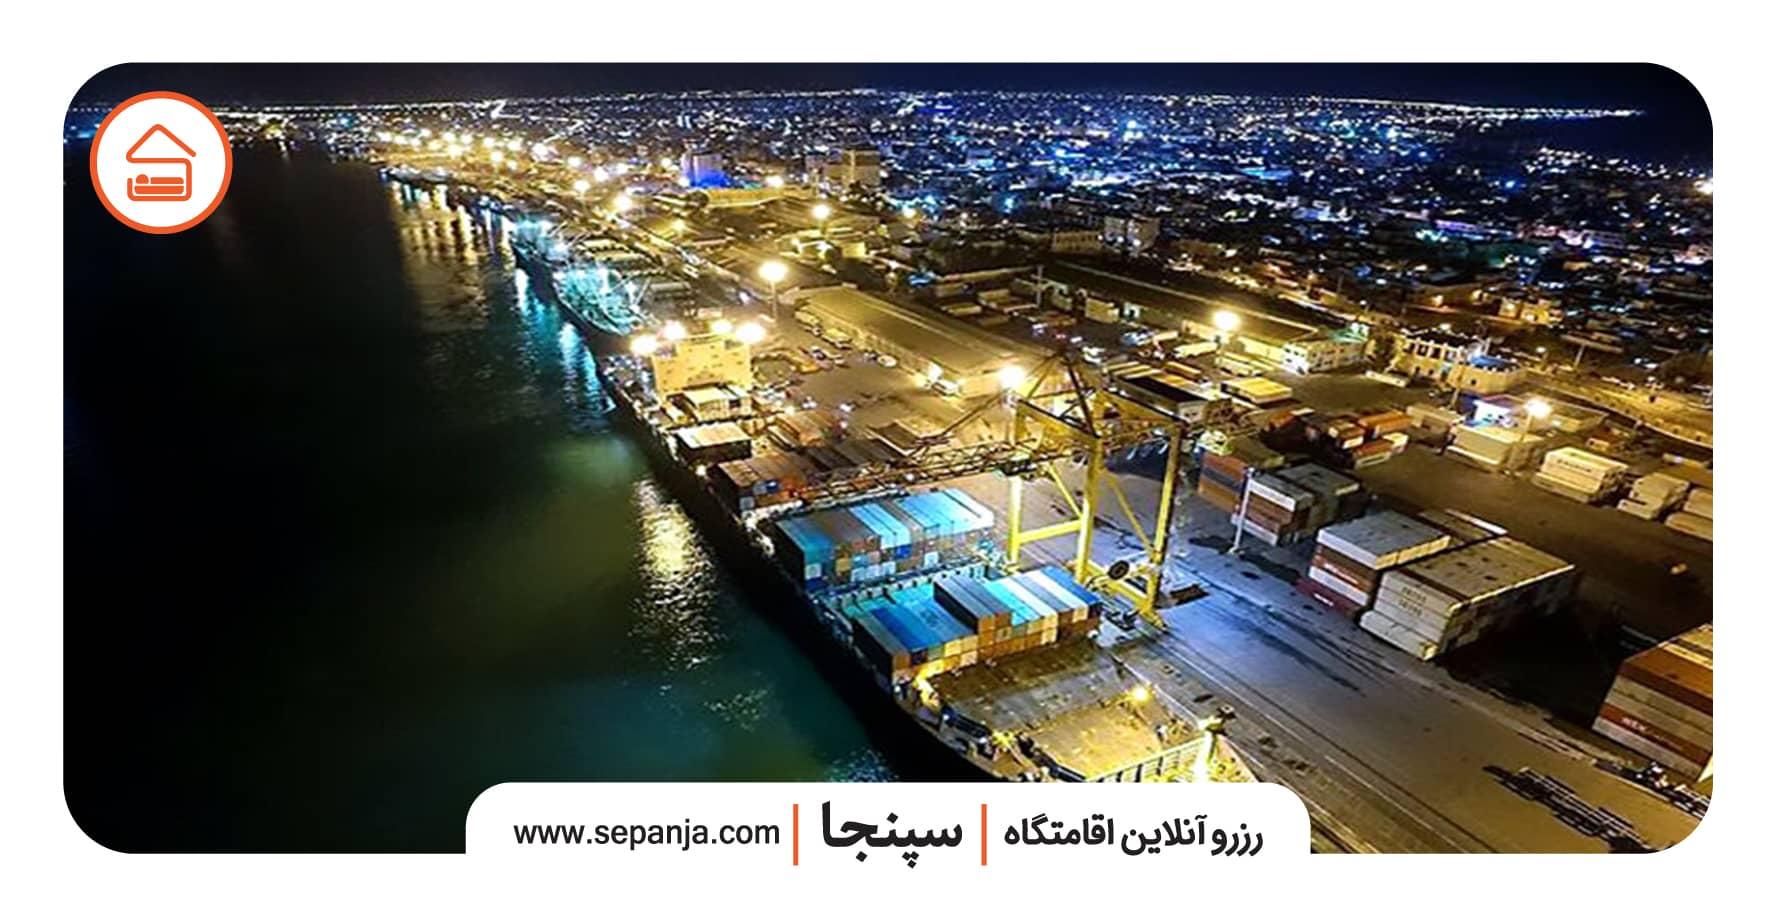 نمایی از شهر در سفر به بوشهر